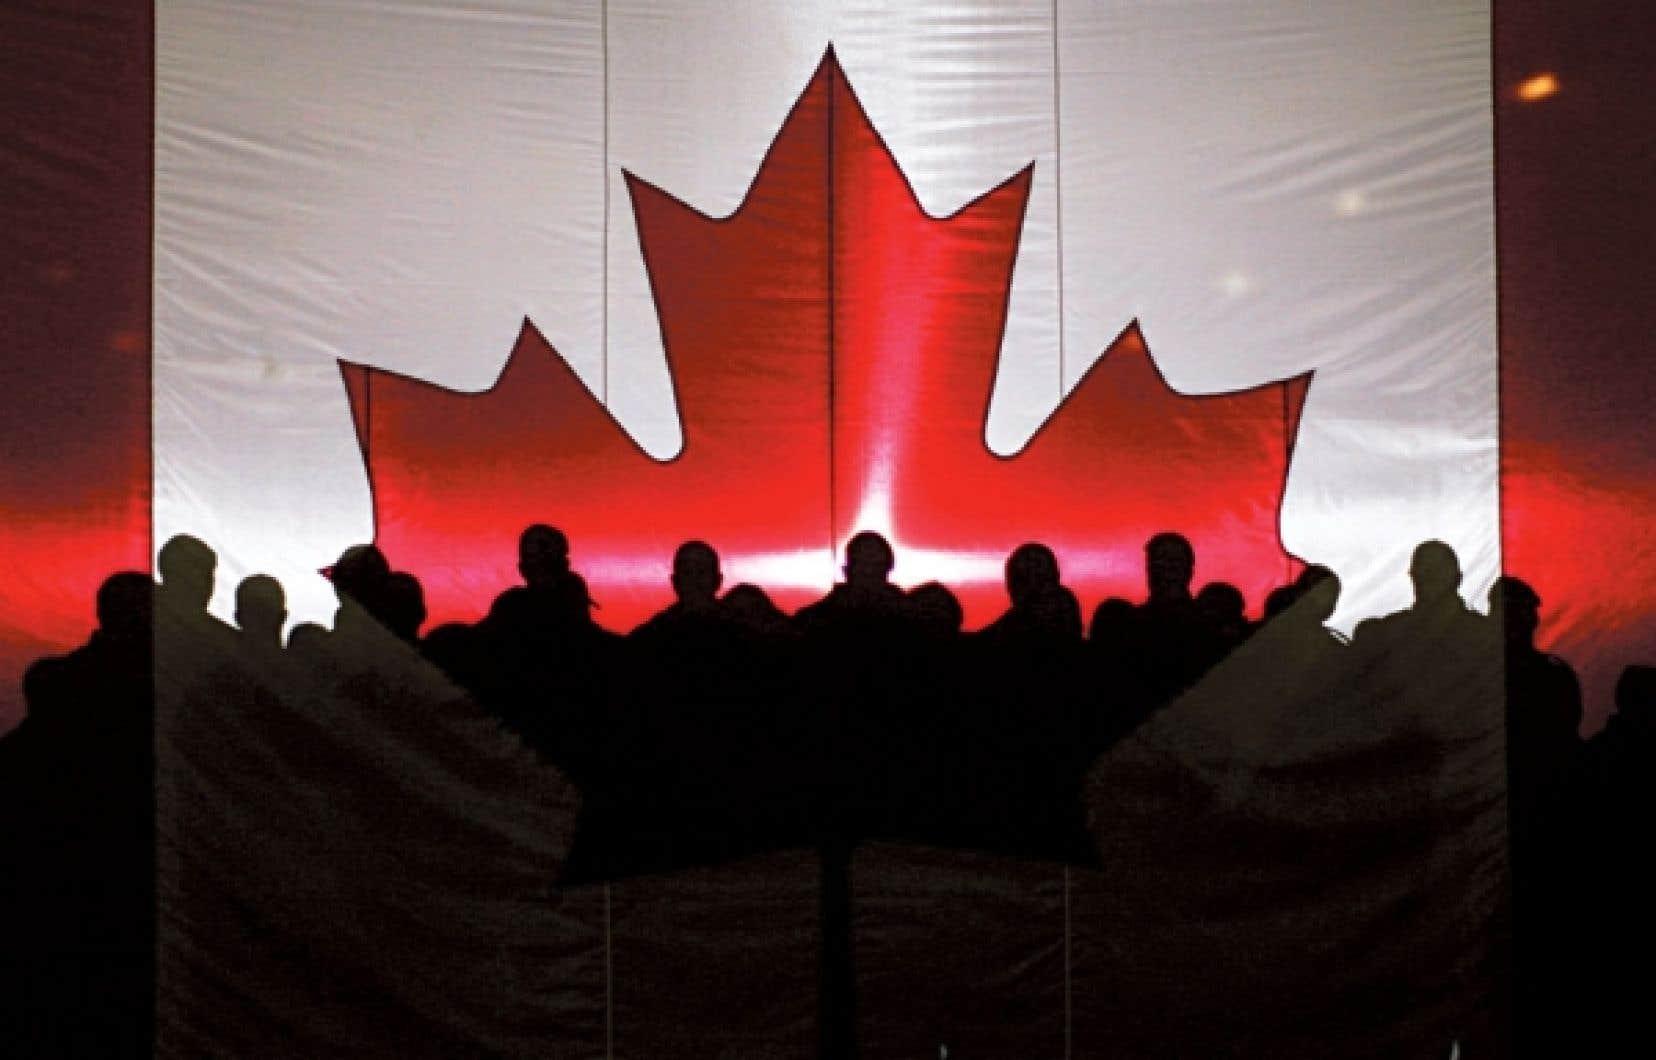 Le gouvernement Harper abolit son programme de bourses et de subventions en Études canadiennes qui représente environ 1,9 million de dollars dans le budget du ministère des Affaires étrangères.